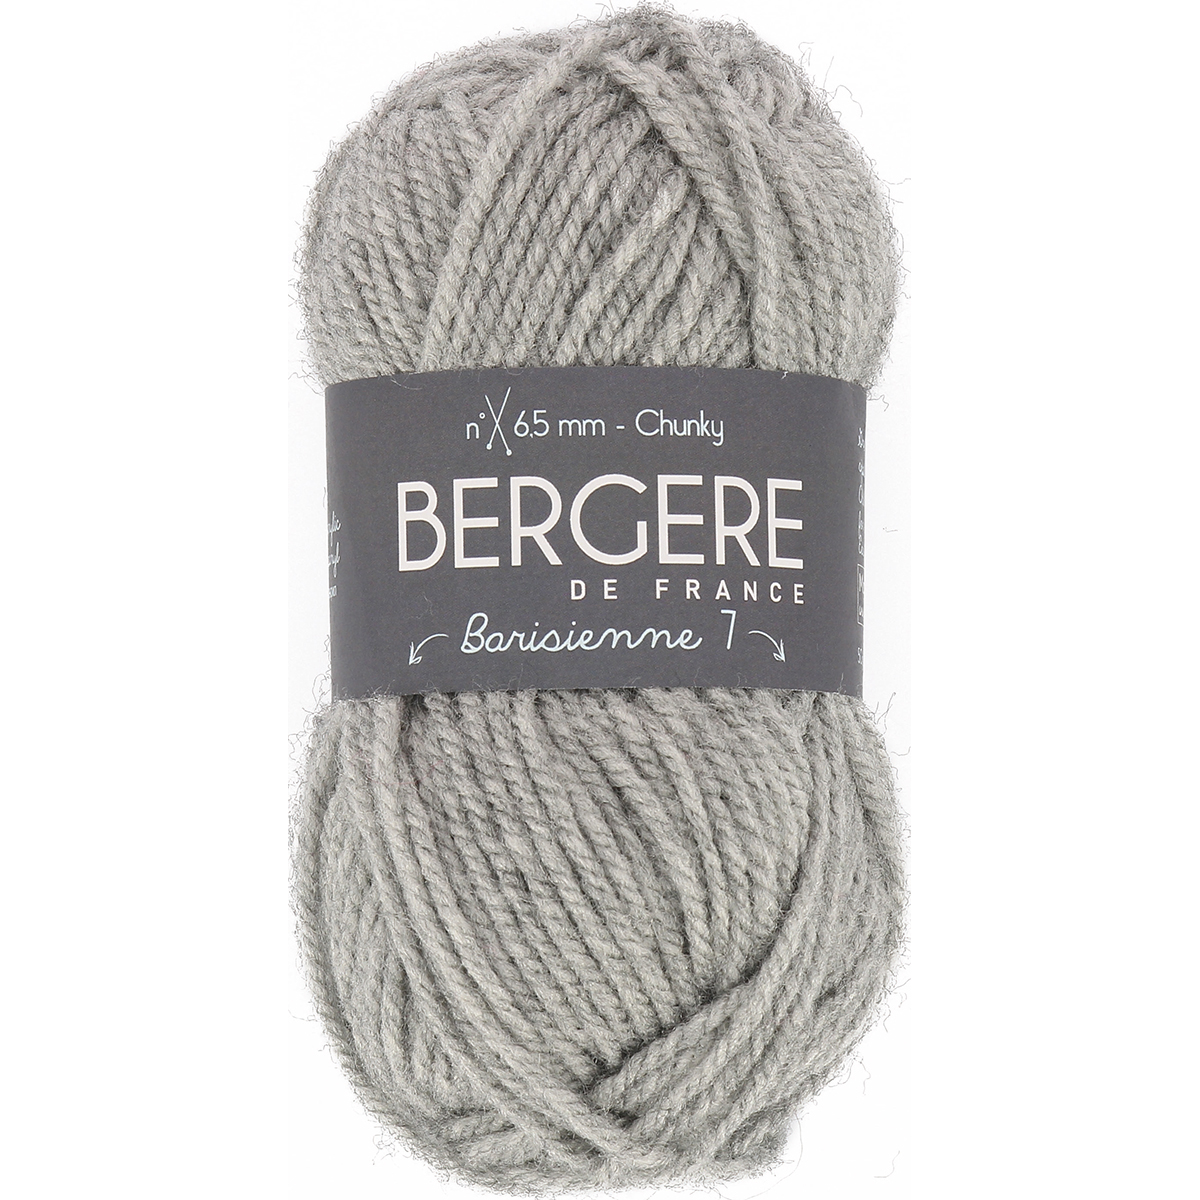 Bergere De France Barisienne 7 Yarn-Menhir